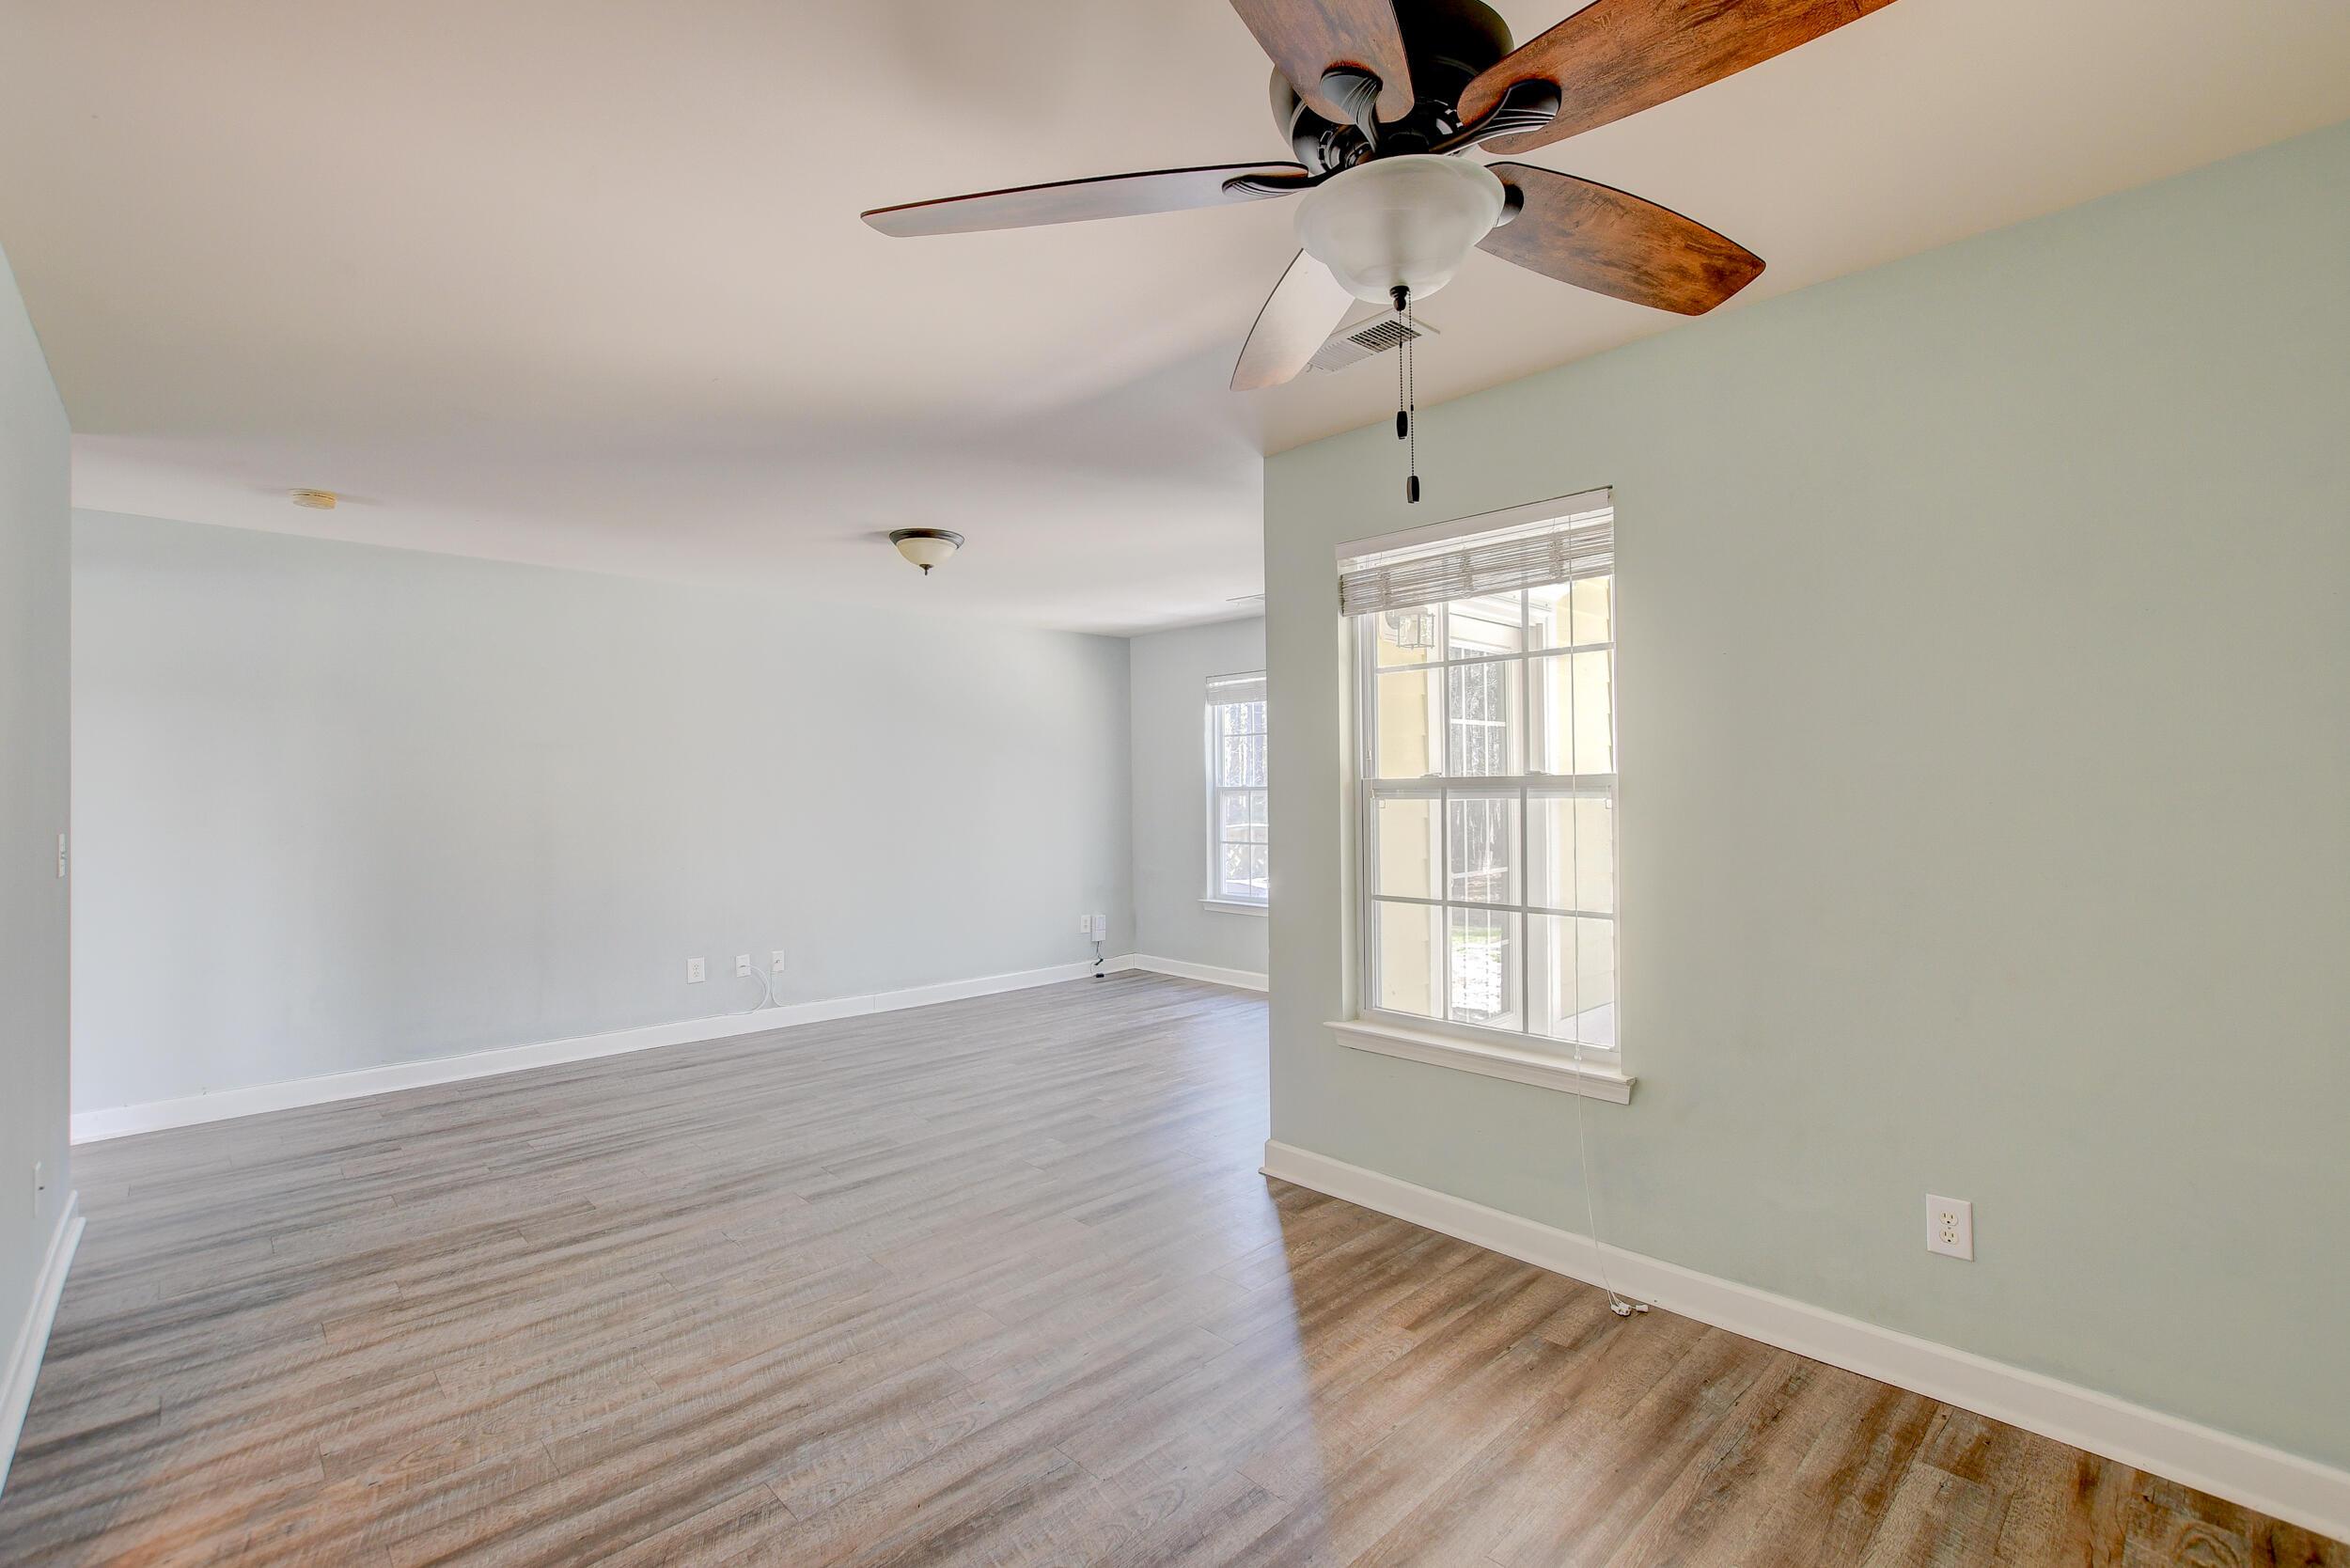 Park West Homes For Sale - 3545 Claremont, Mount Pleasant, SC - 17